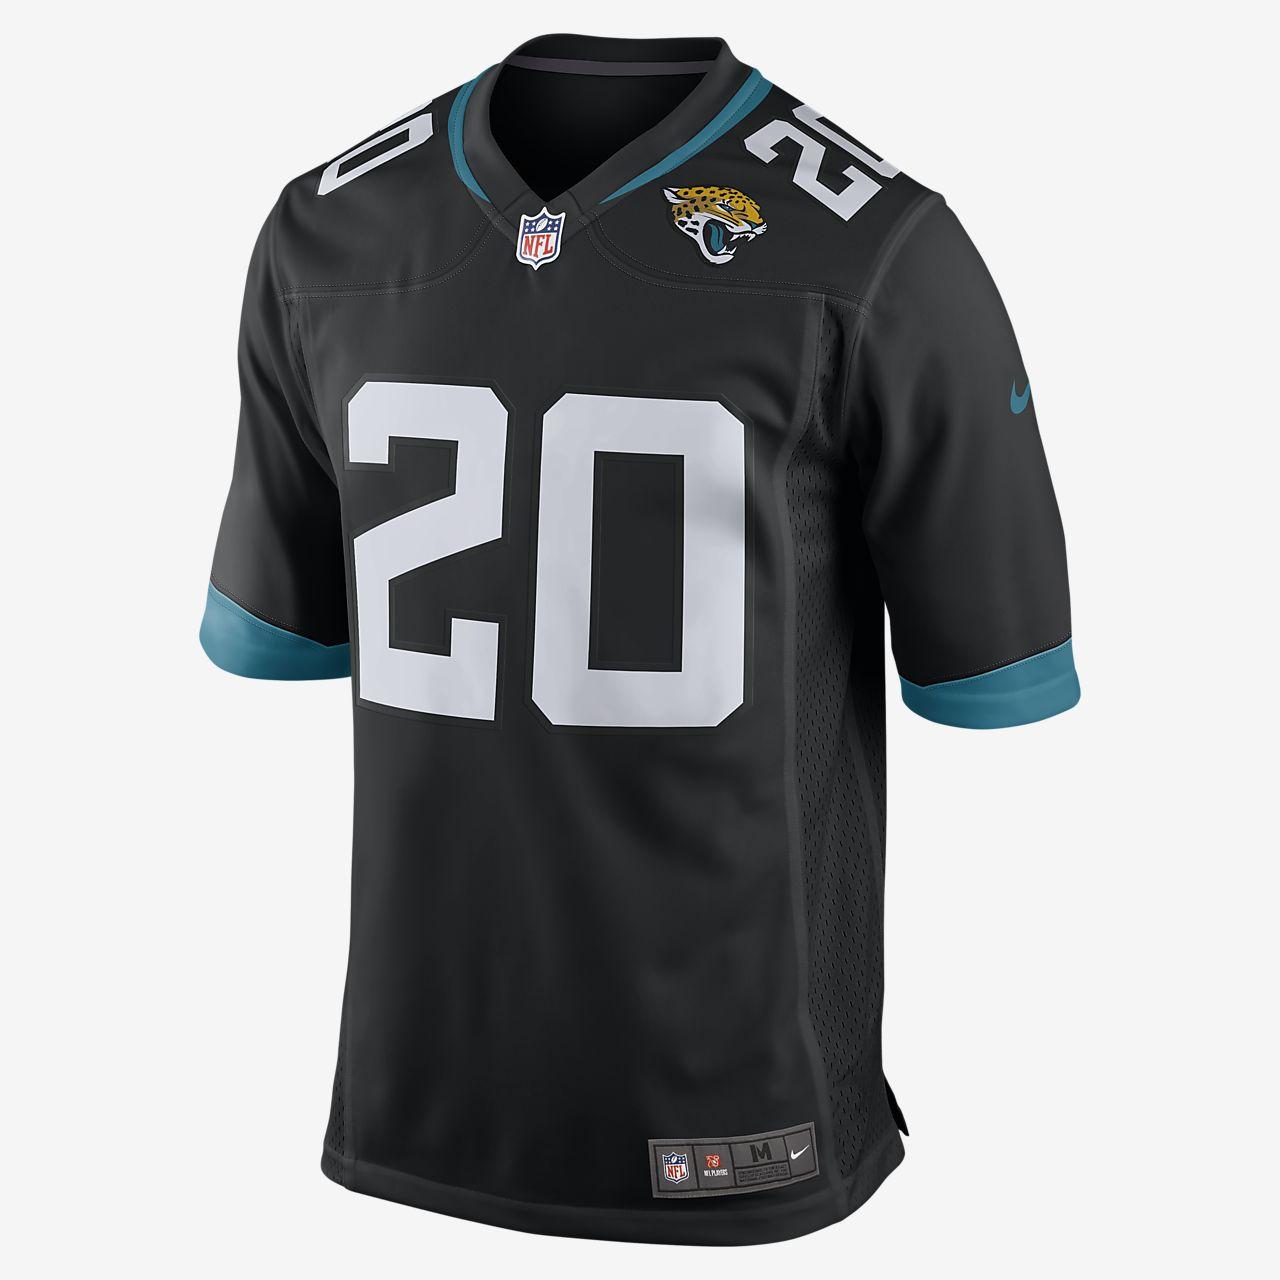 NFL Jacksonville Jaguars Game (Jalen Ramsey) American-Football-Trikot für Herren